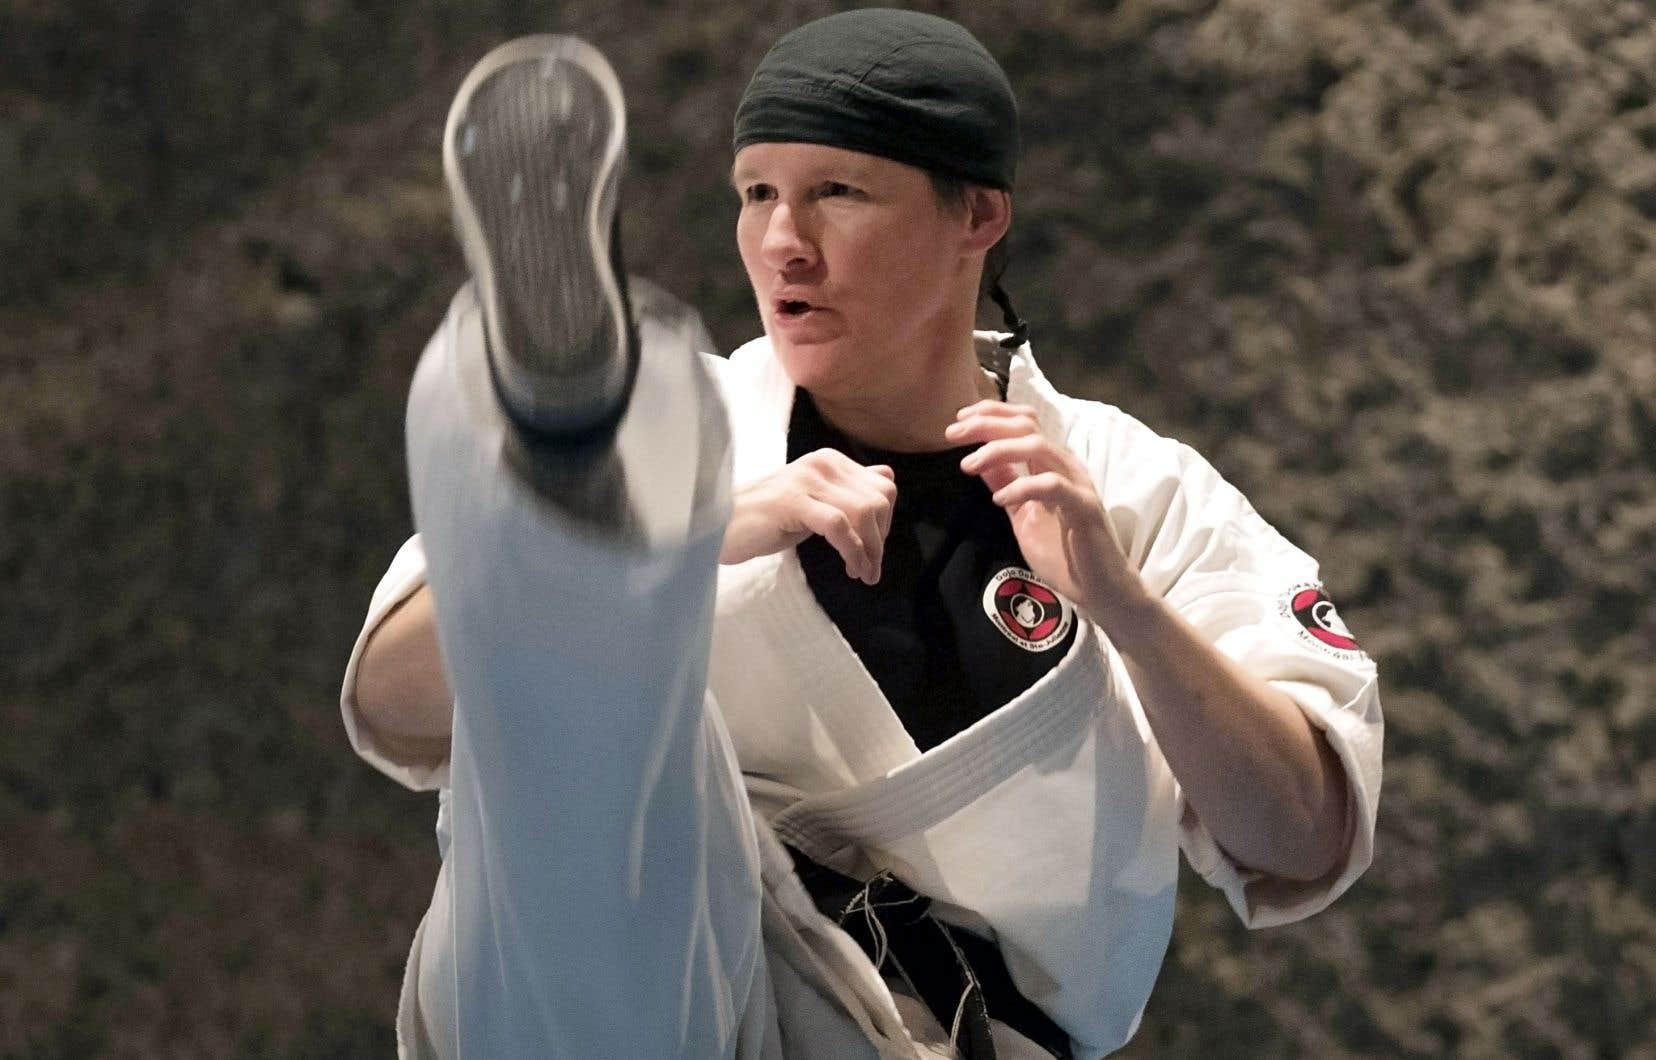 Sœur Chantal Desmarais pratique le karaté comme un art et incarne le code du samouraï dans chacun de ses gestes.